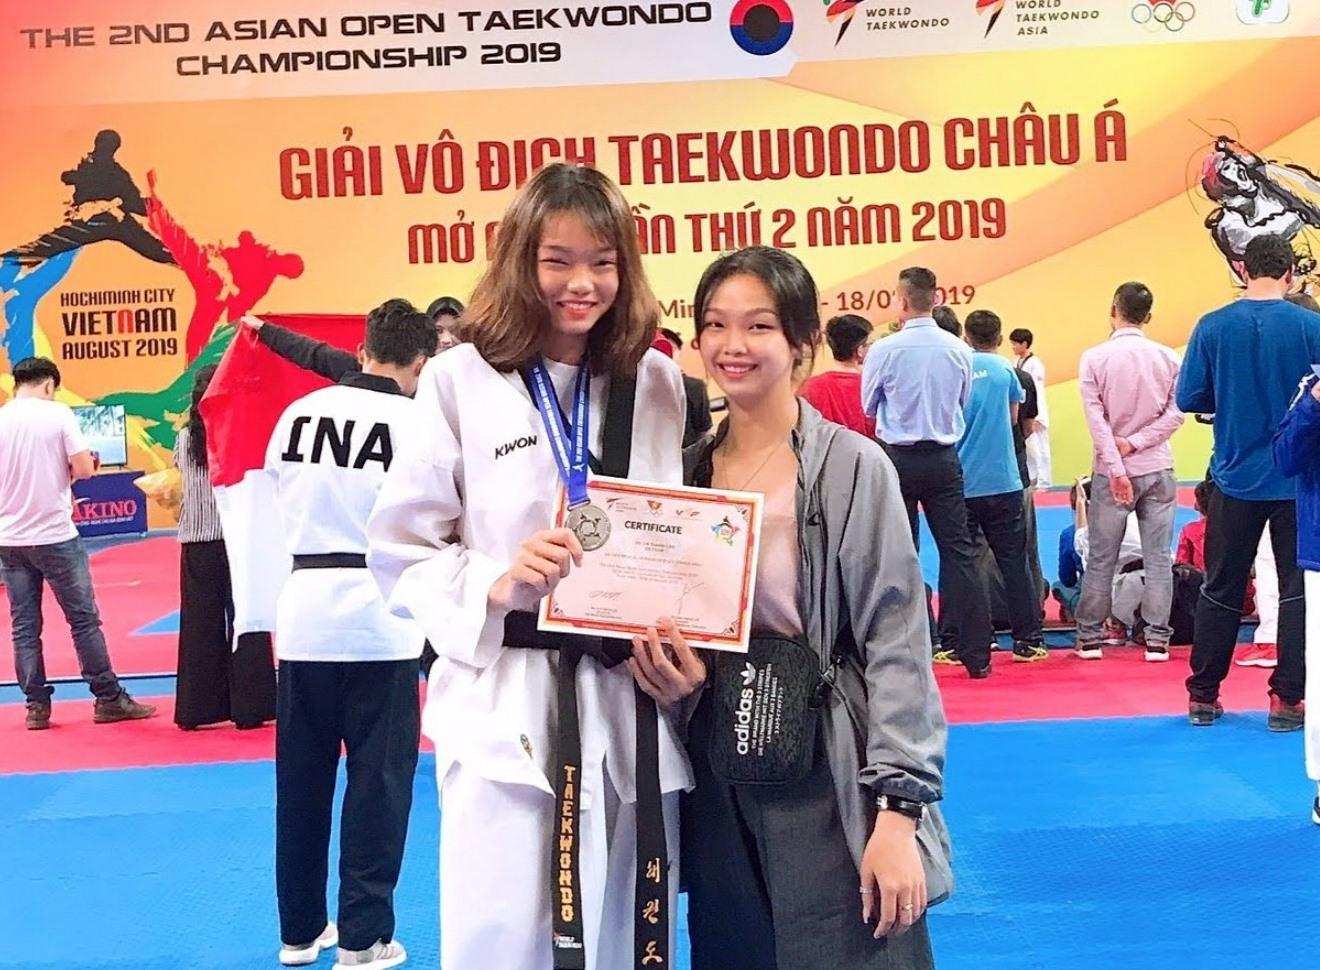 Võ Thị Thanh Lan (bên trái) tại giải Vô địch Taekwondo châu Á. Ảnh: NVCC